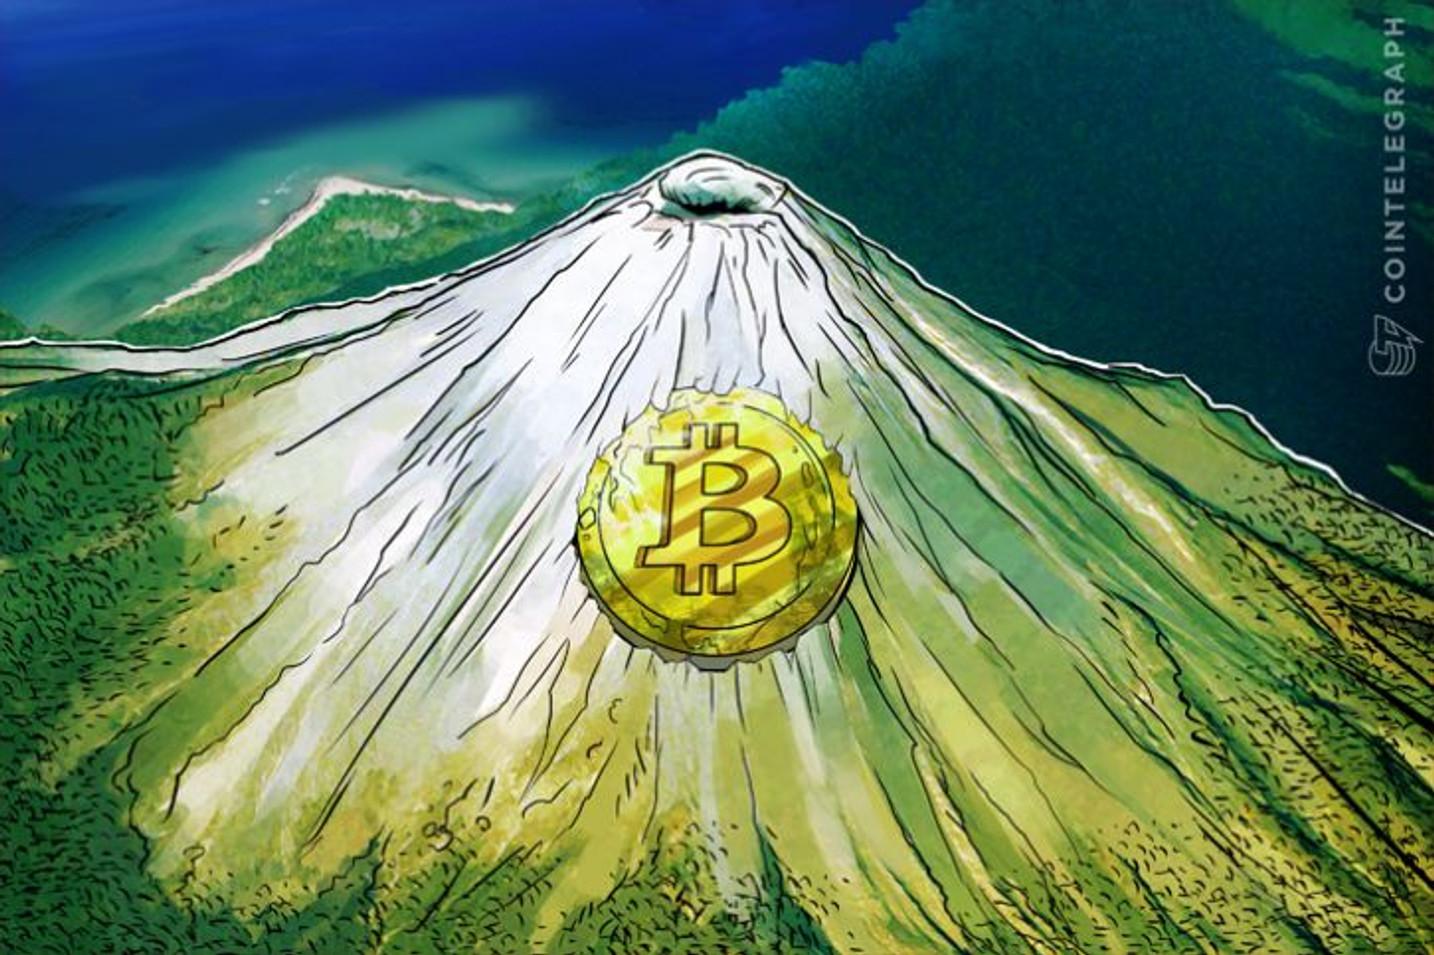 Bitcoin Cash sobrepasa nuevamente los $1,500 mientras que su desarrollador líder declara 'muerto' a Bitcoin